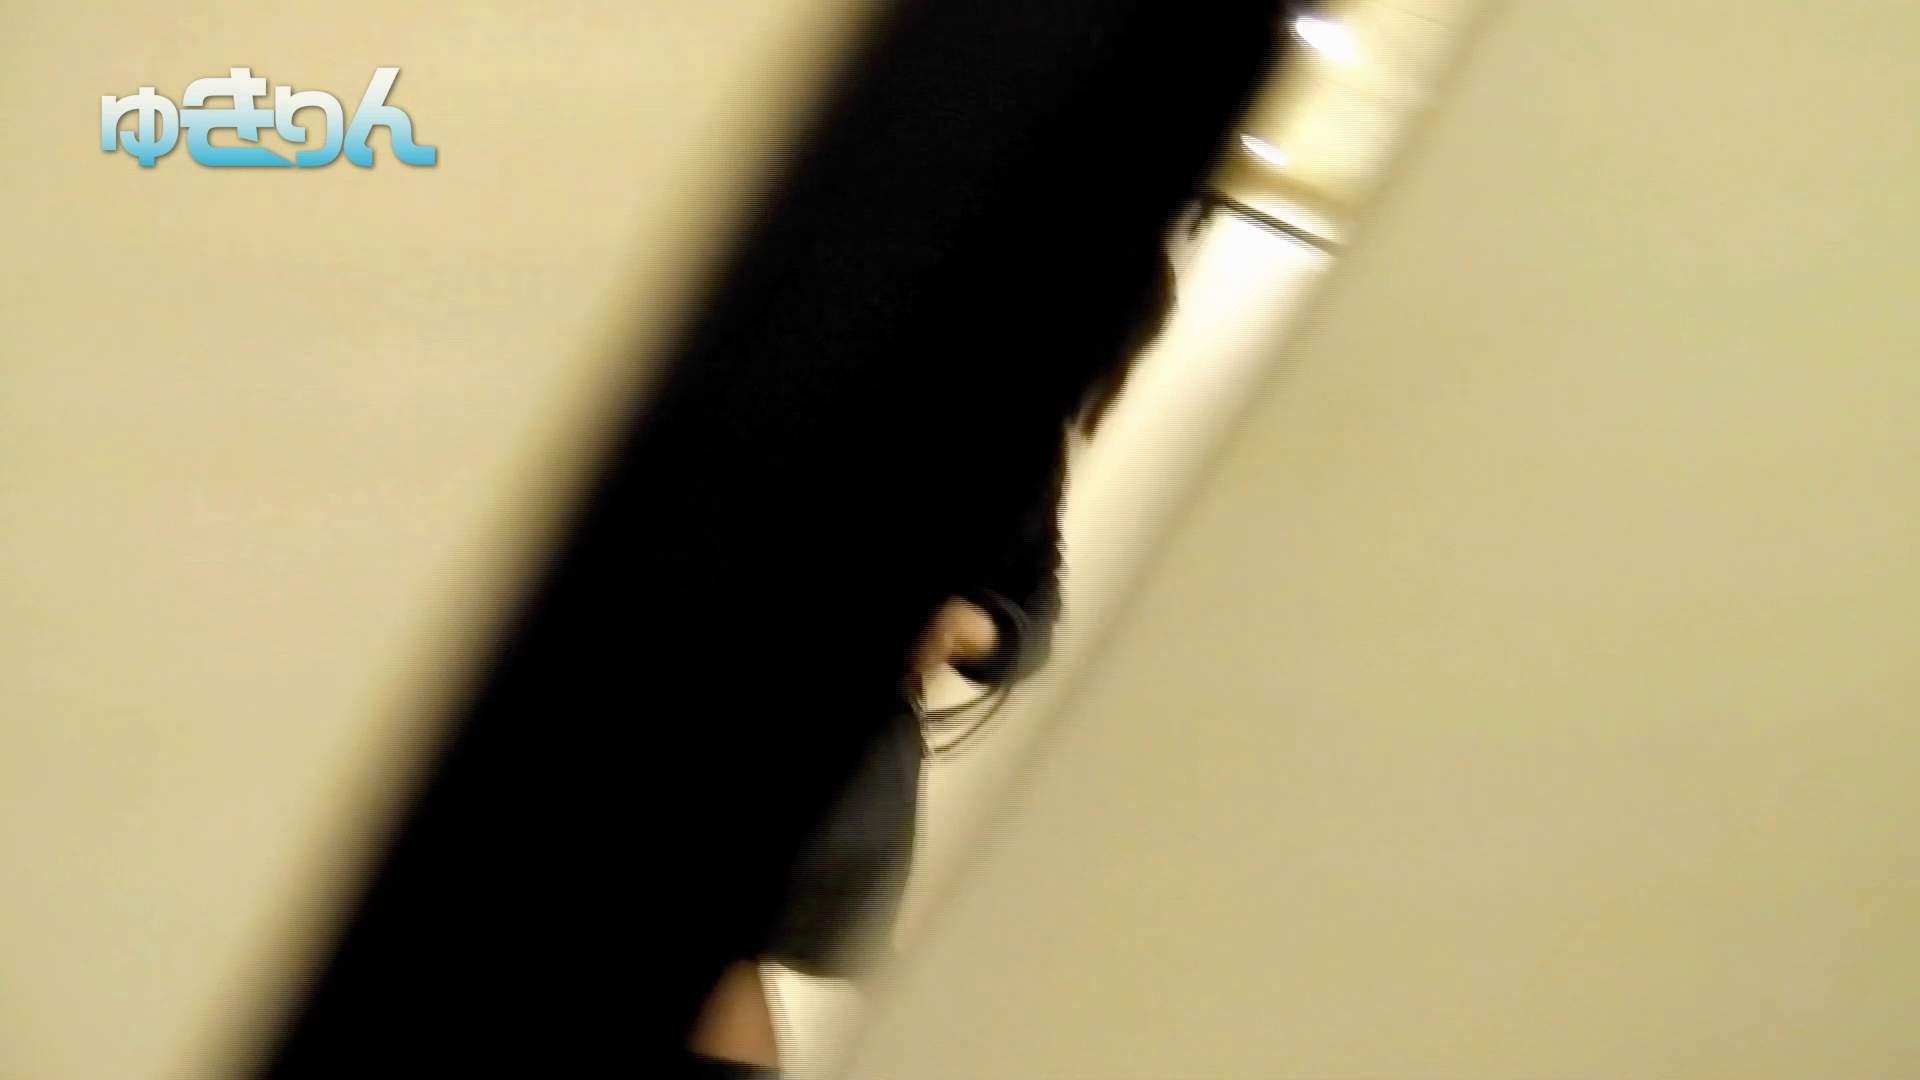 新世界の射窓 No79 ハイっ!きましたトップモデル登場実は名女優 高画質 セックス画像 82画像 5